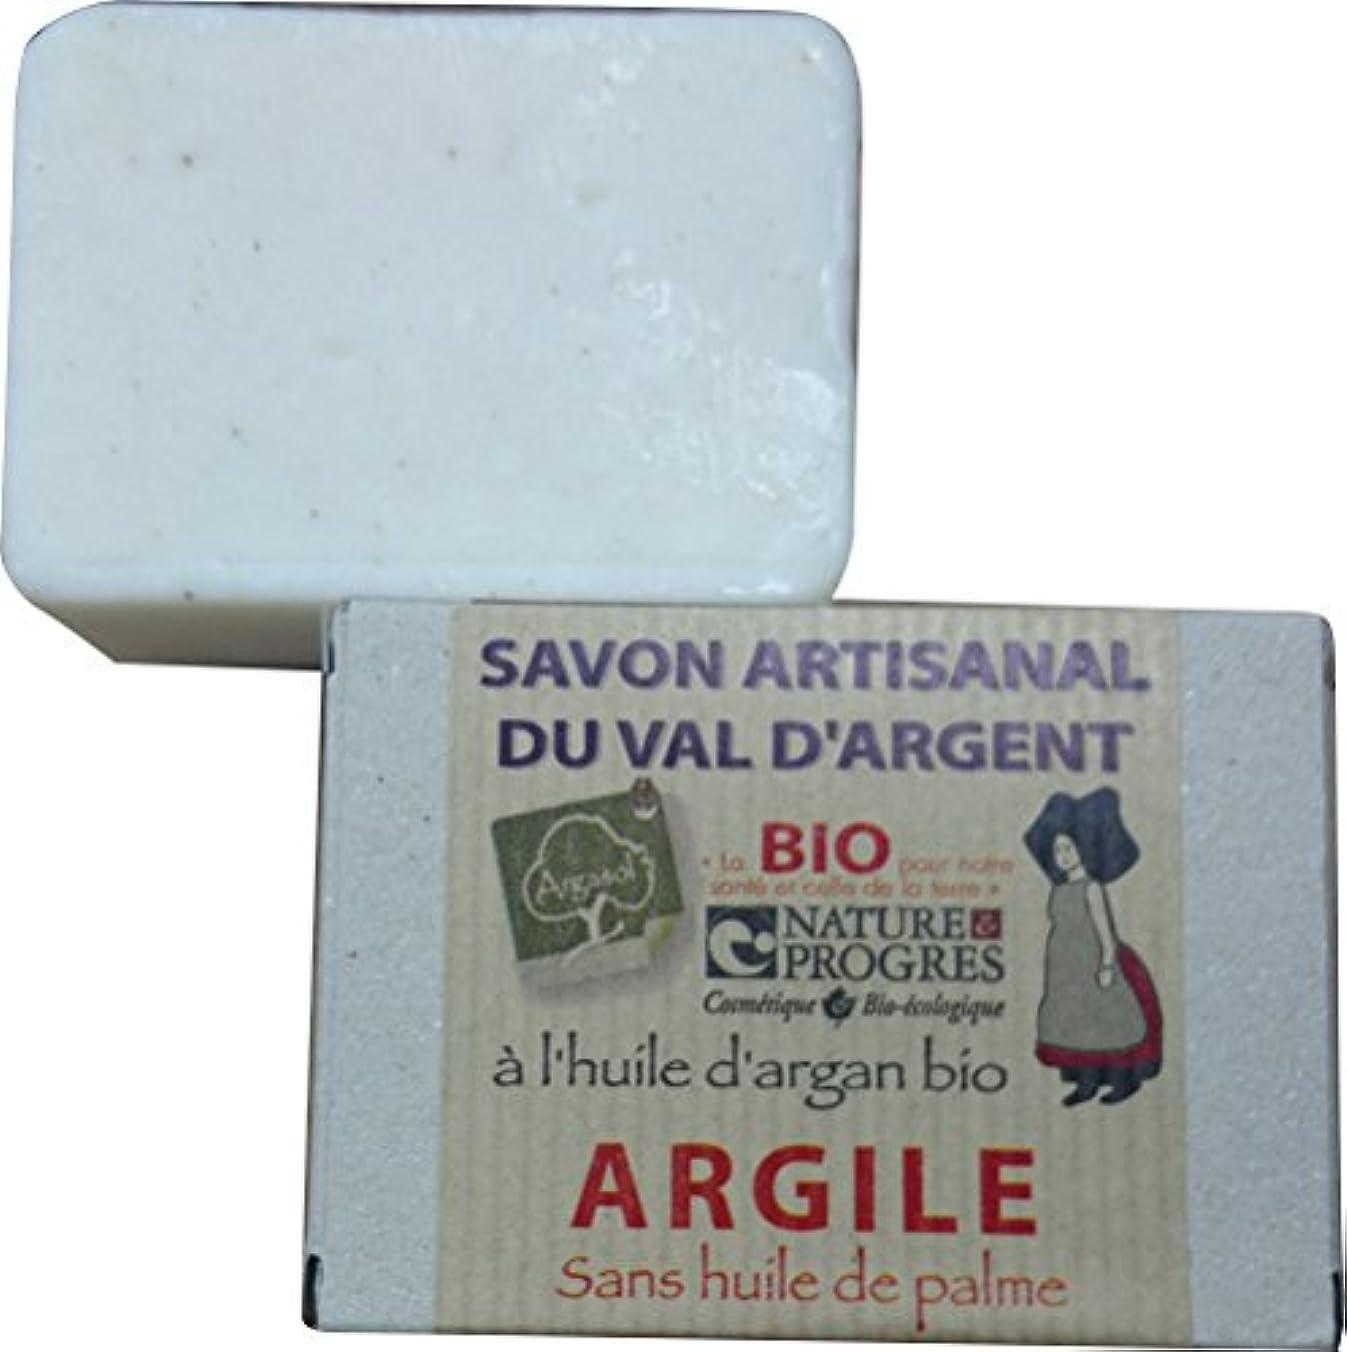 本非行熟達したサボン アルガソル(SAVON ARGASOL) クレイ